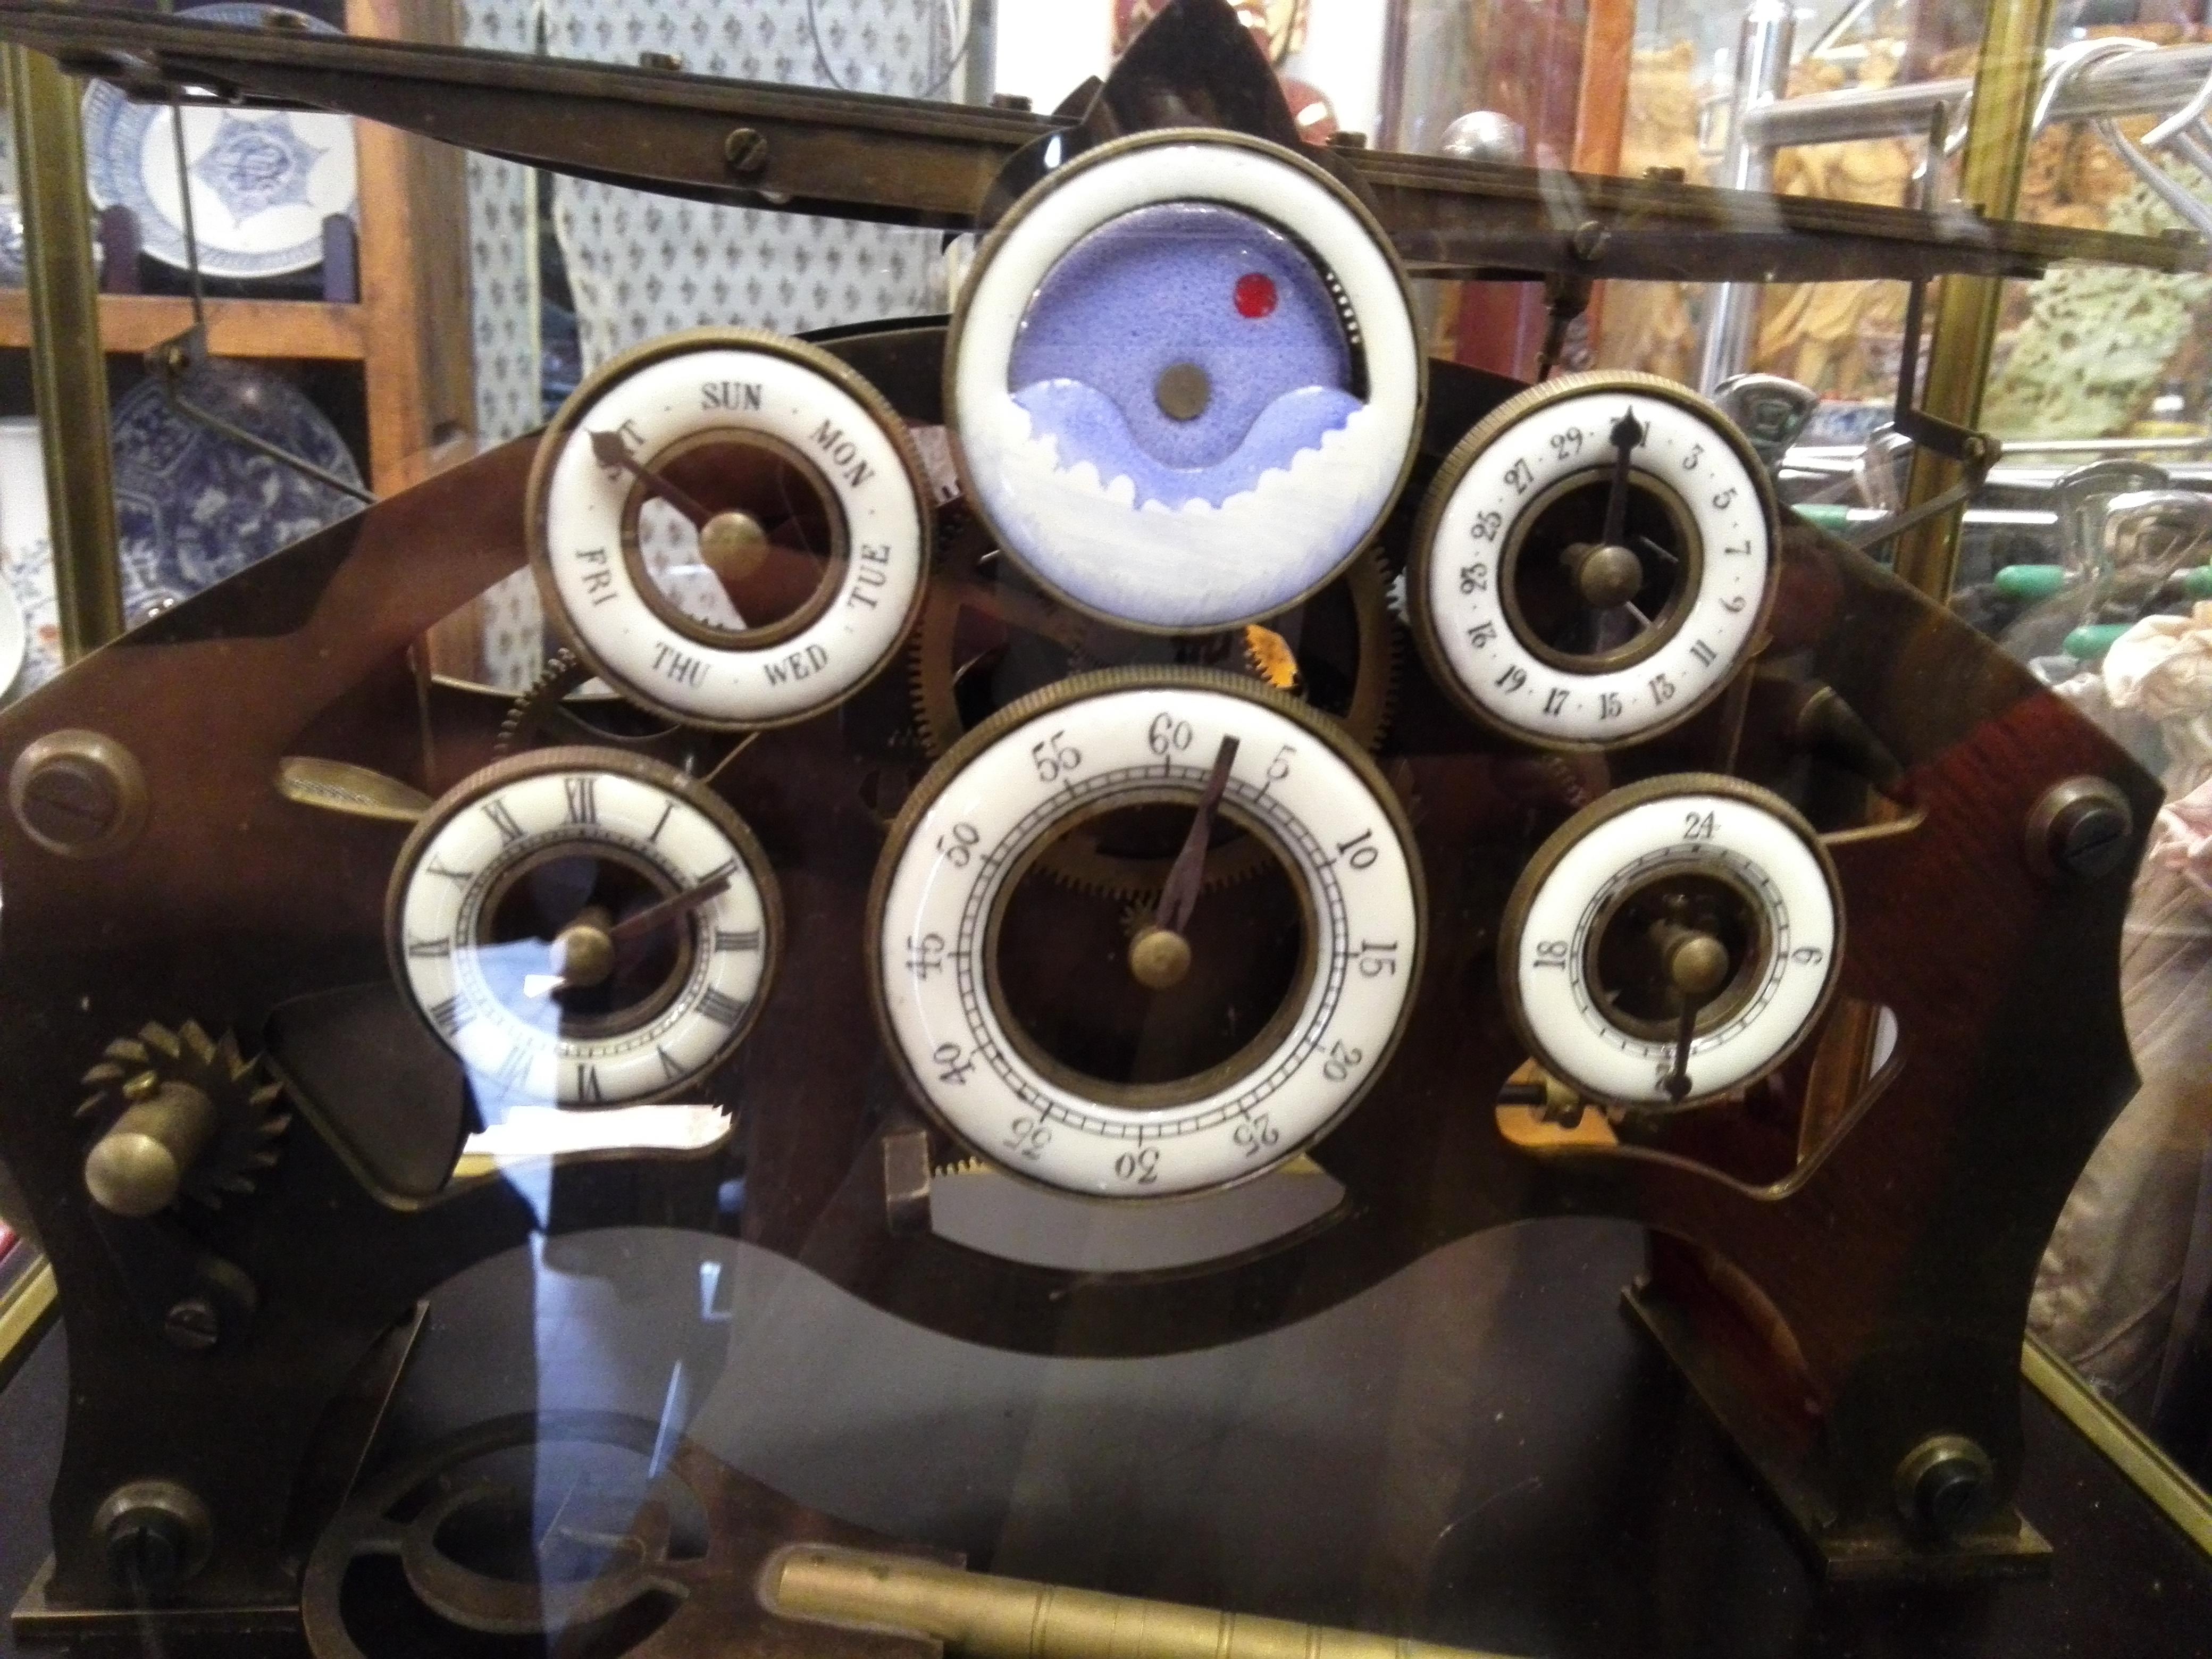 軽井沢仕掛け時計 (1)